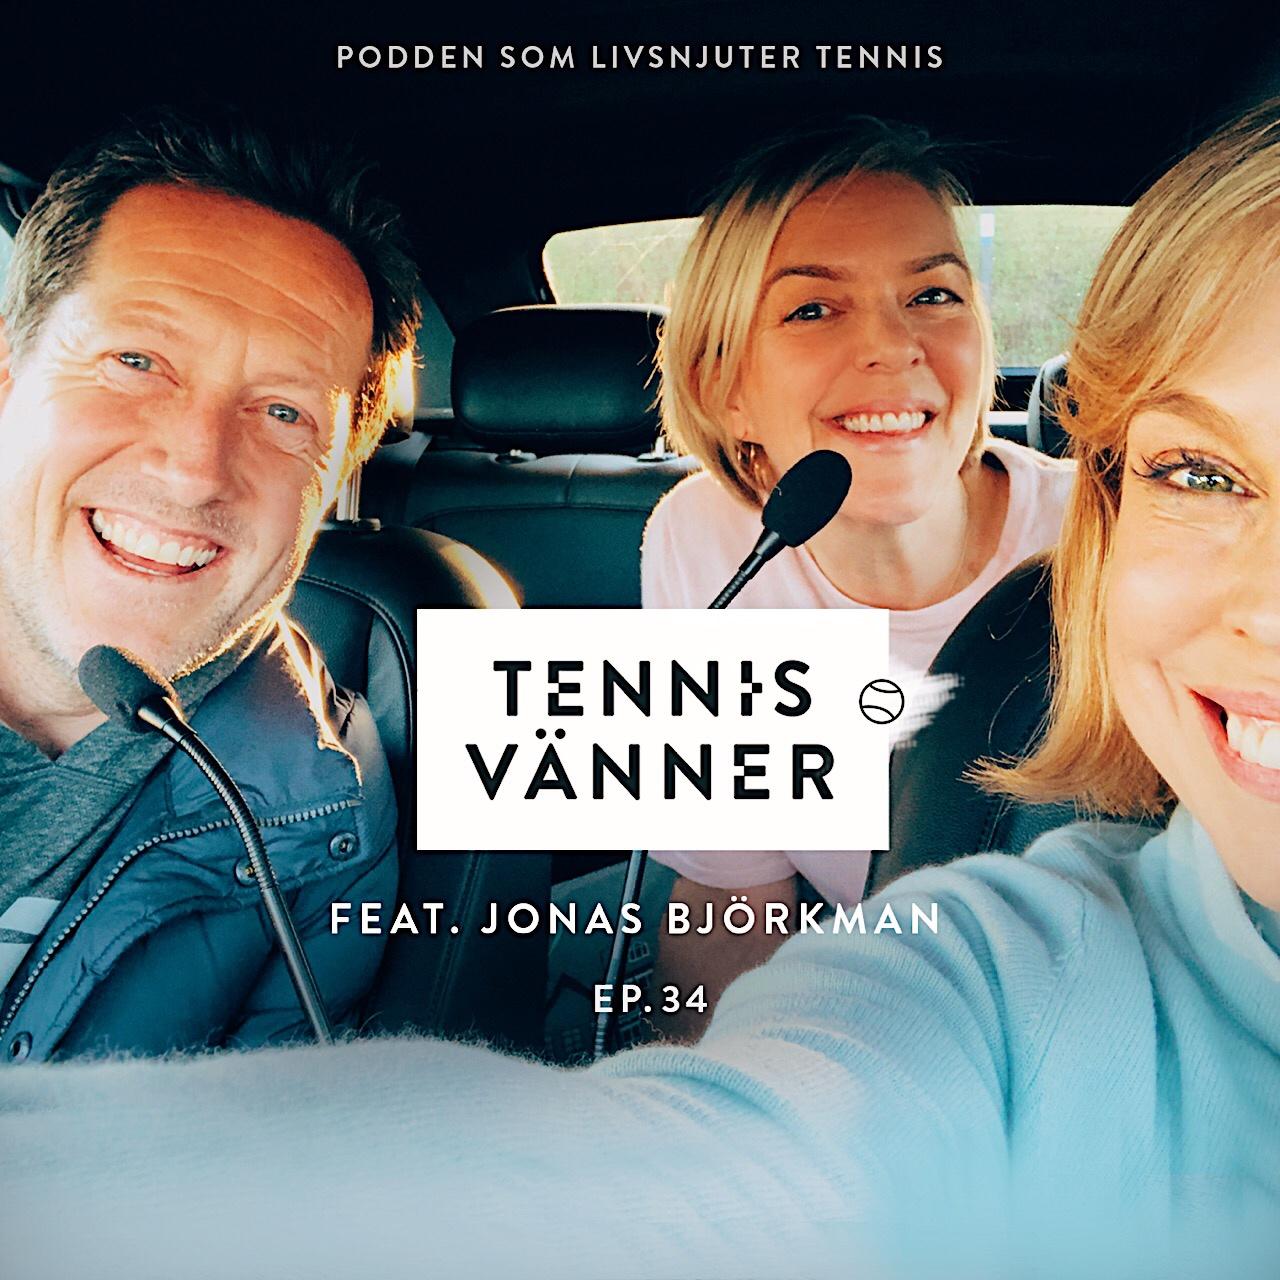 Avsnitt 34. På volley / Feat. Jonas Björkman - Lång och kort version. Tryck Play/Listen in browser på ljudfilen nedan